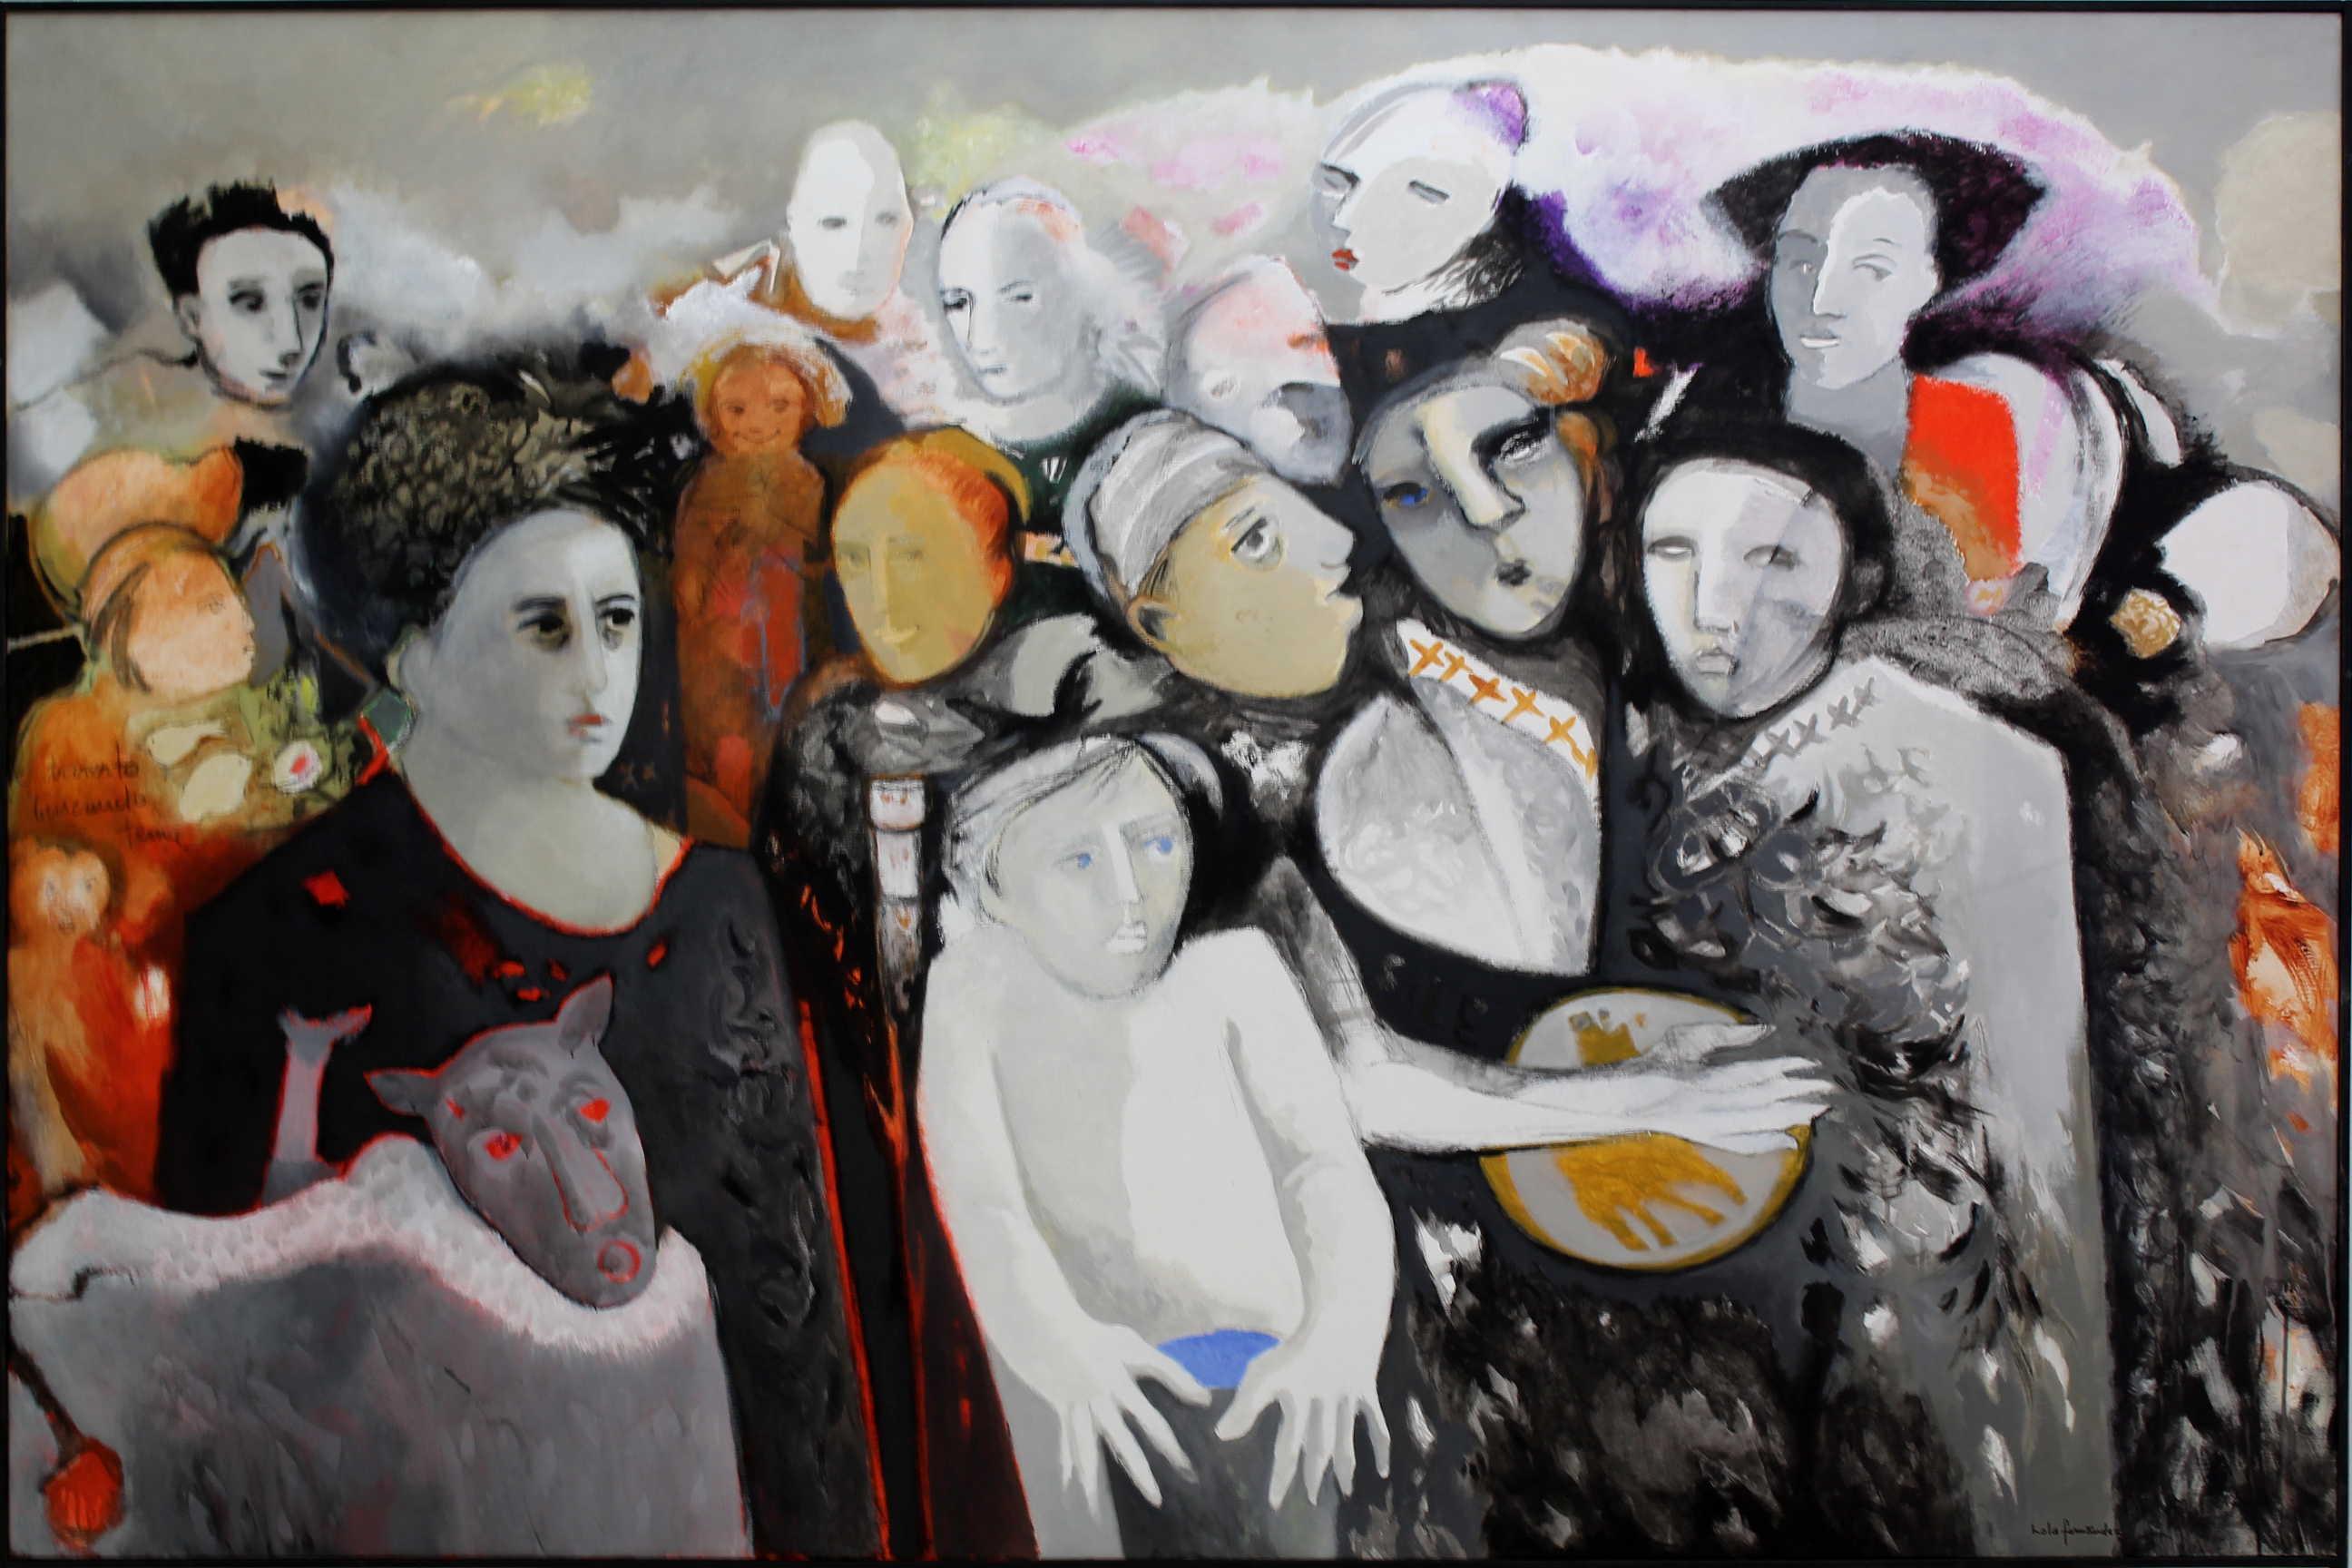 """Obra de la artista Lola Fernández llamada """"Muchedumbre en la tarde"""", acrílico sobre tela, año 2000. Fotografía: Adriana Araya."""